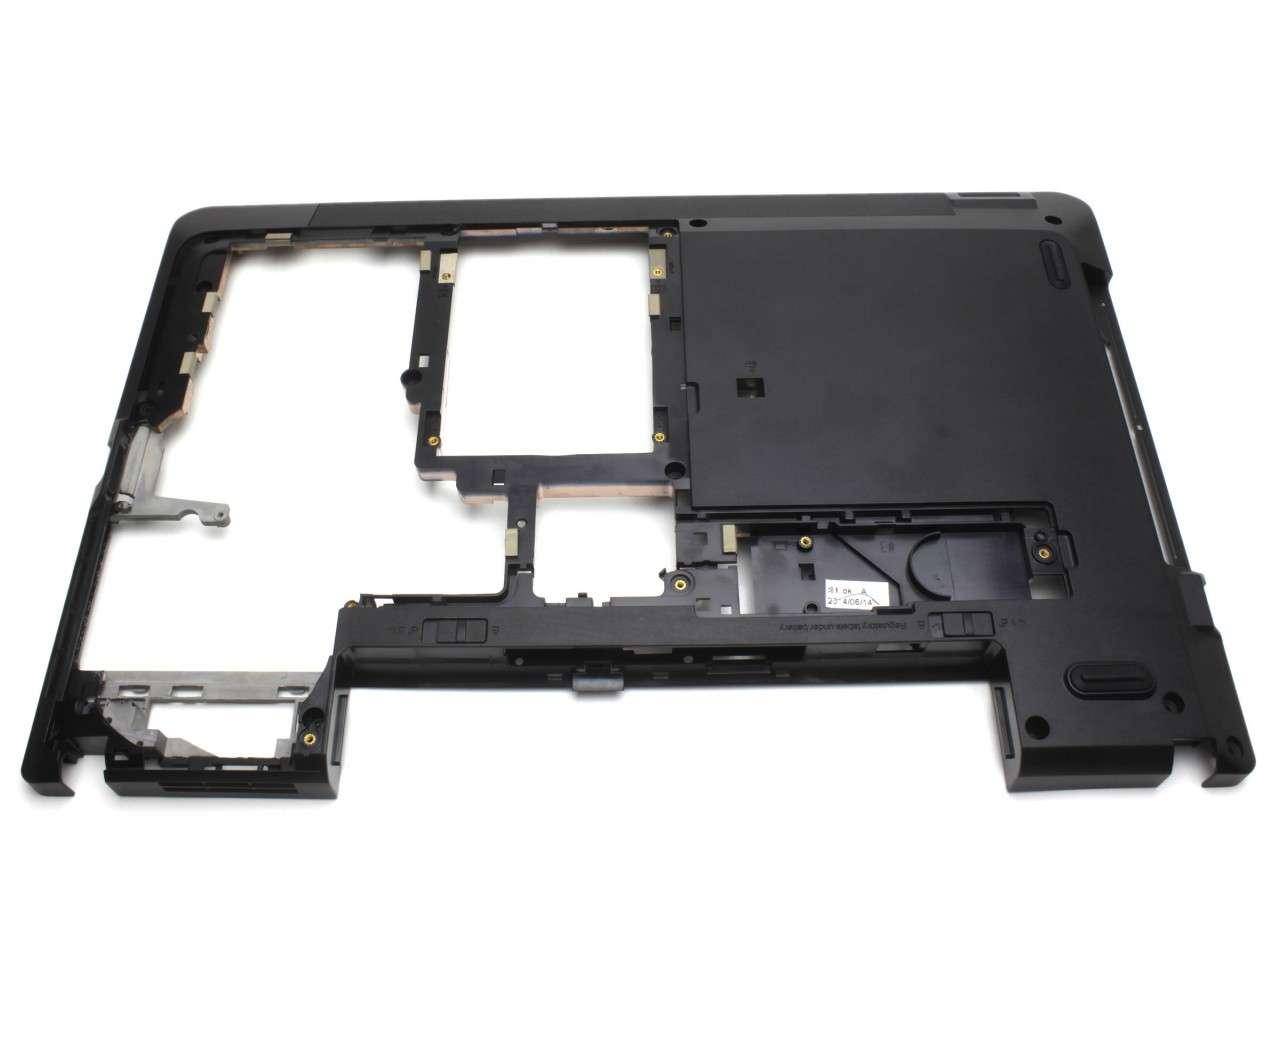 Bottom Case Lenovo ThinkPad E540 Carcasa Inferioara Neagra imagine powerlaptop.ro 2021